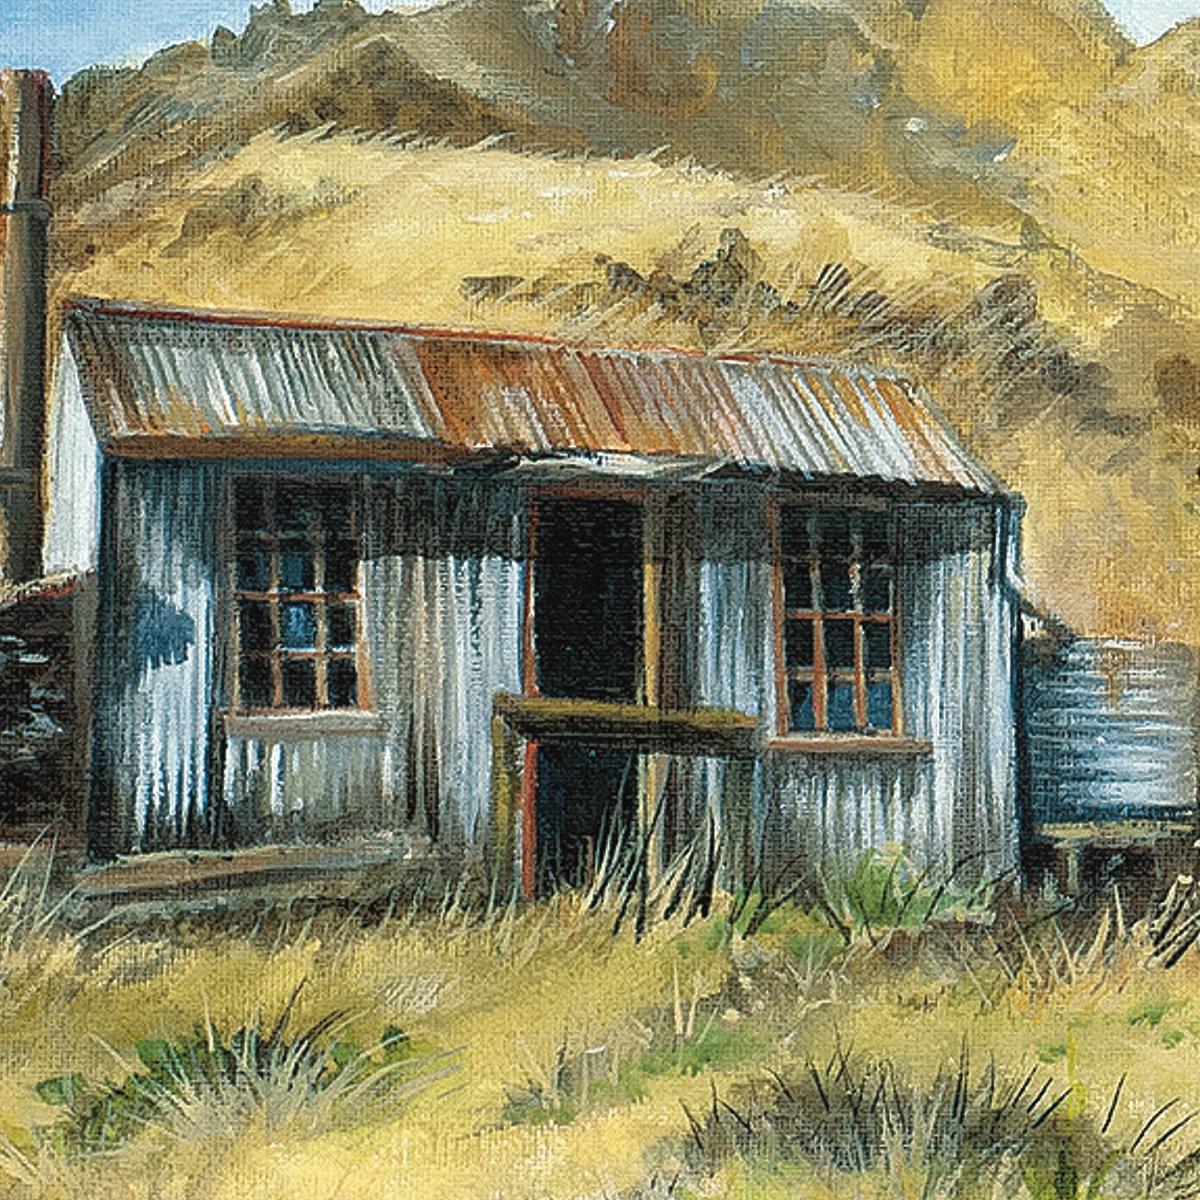 Dynamo Hut Bullendale by NZ artist Tania Jack